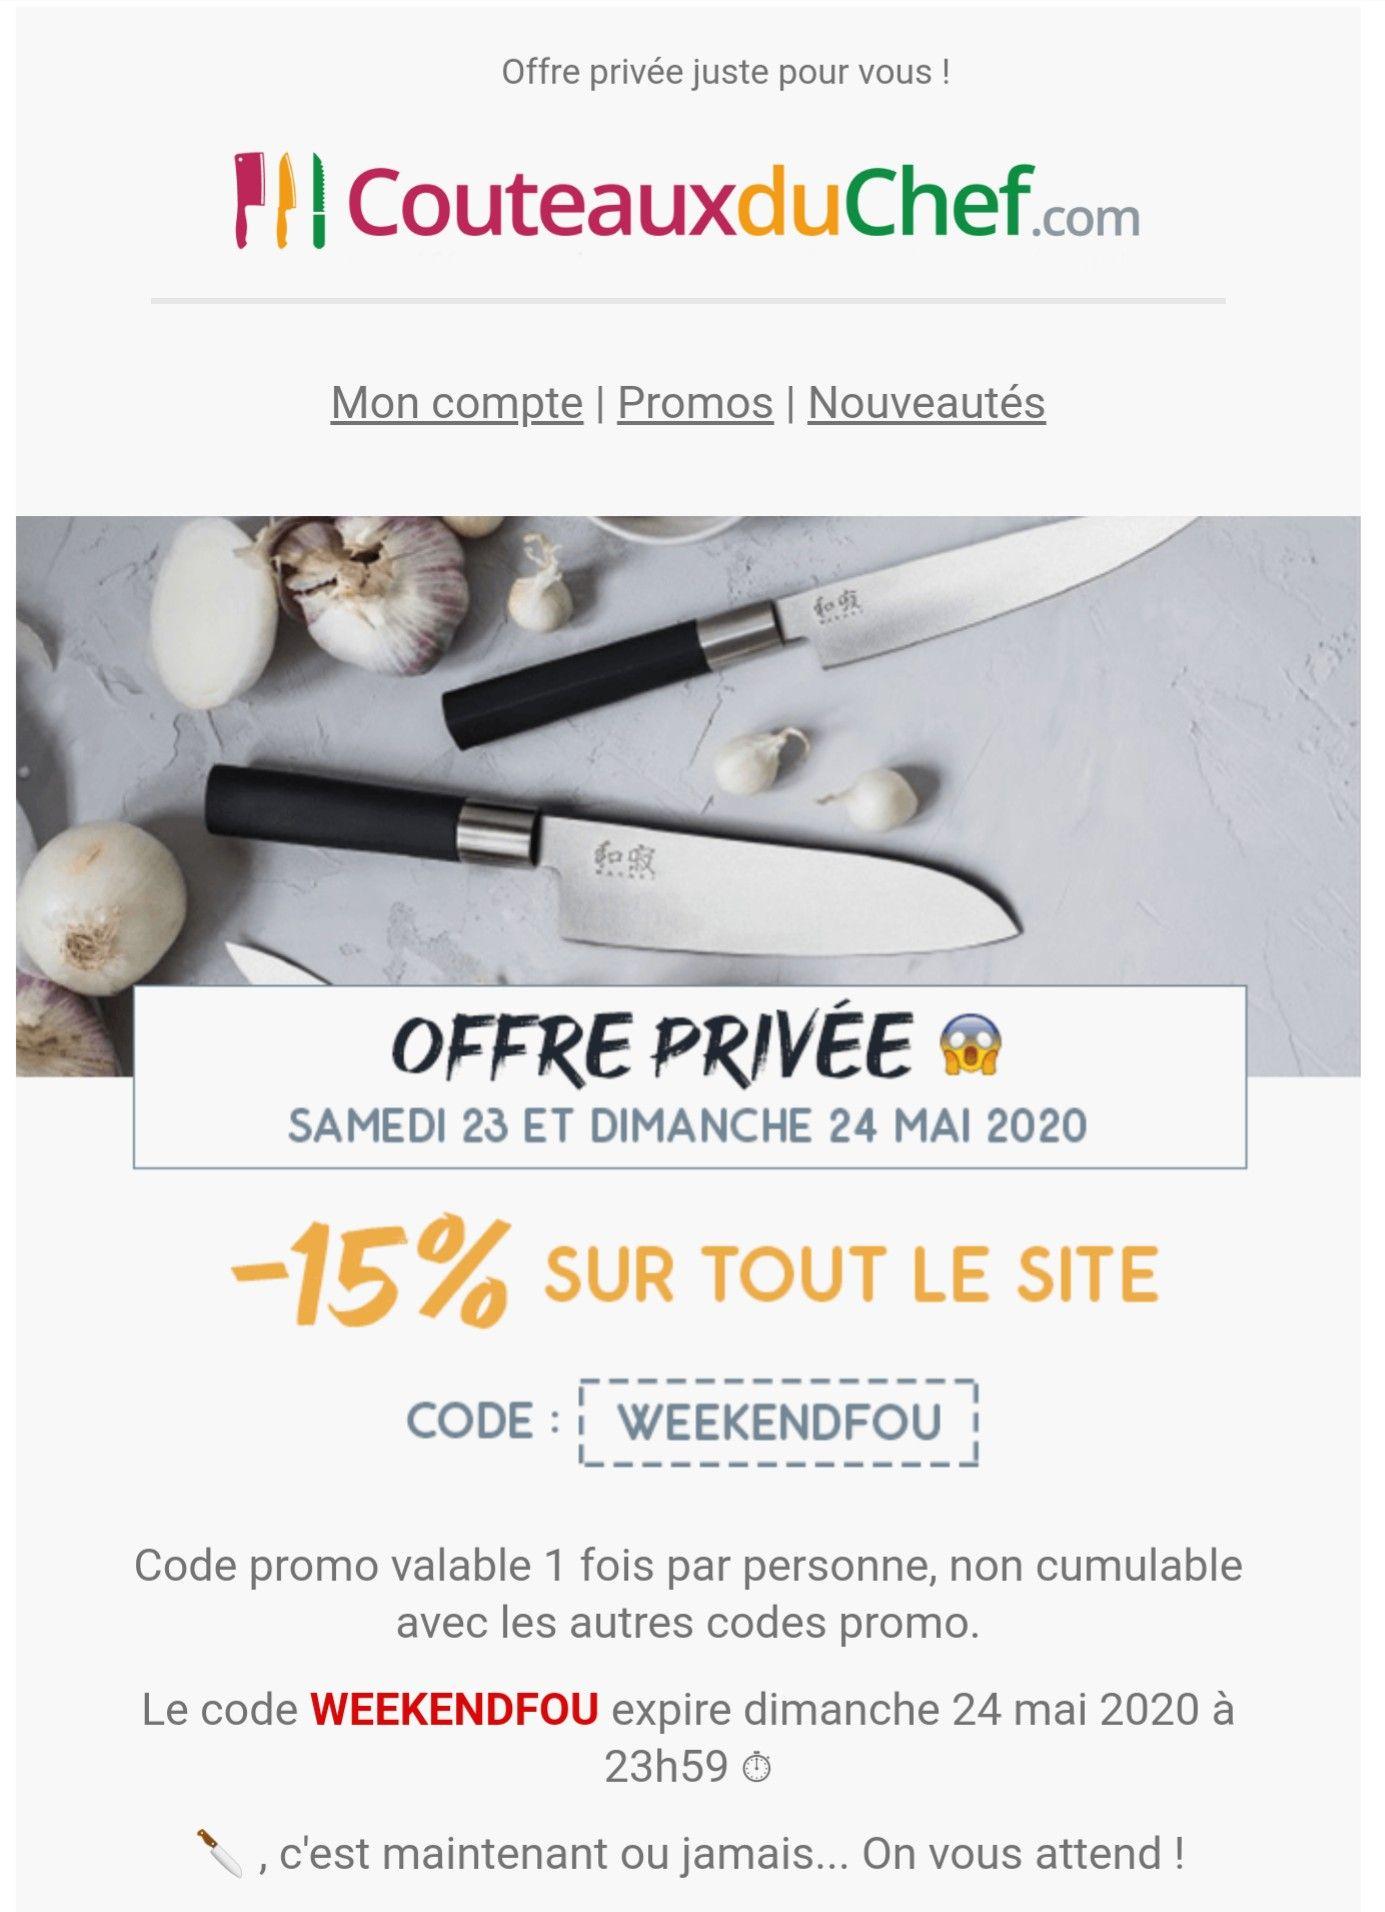 15% de réduction sur tout le site (couteauxduchef.com)